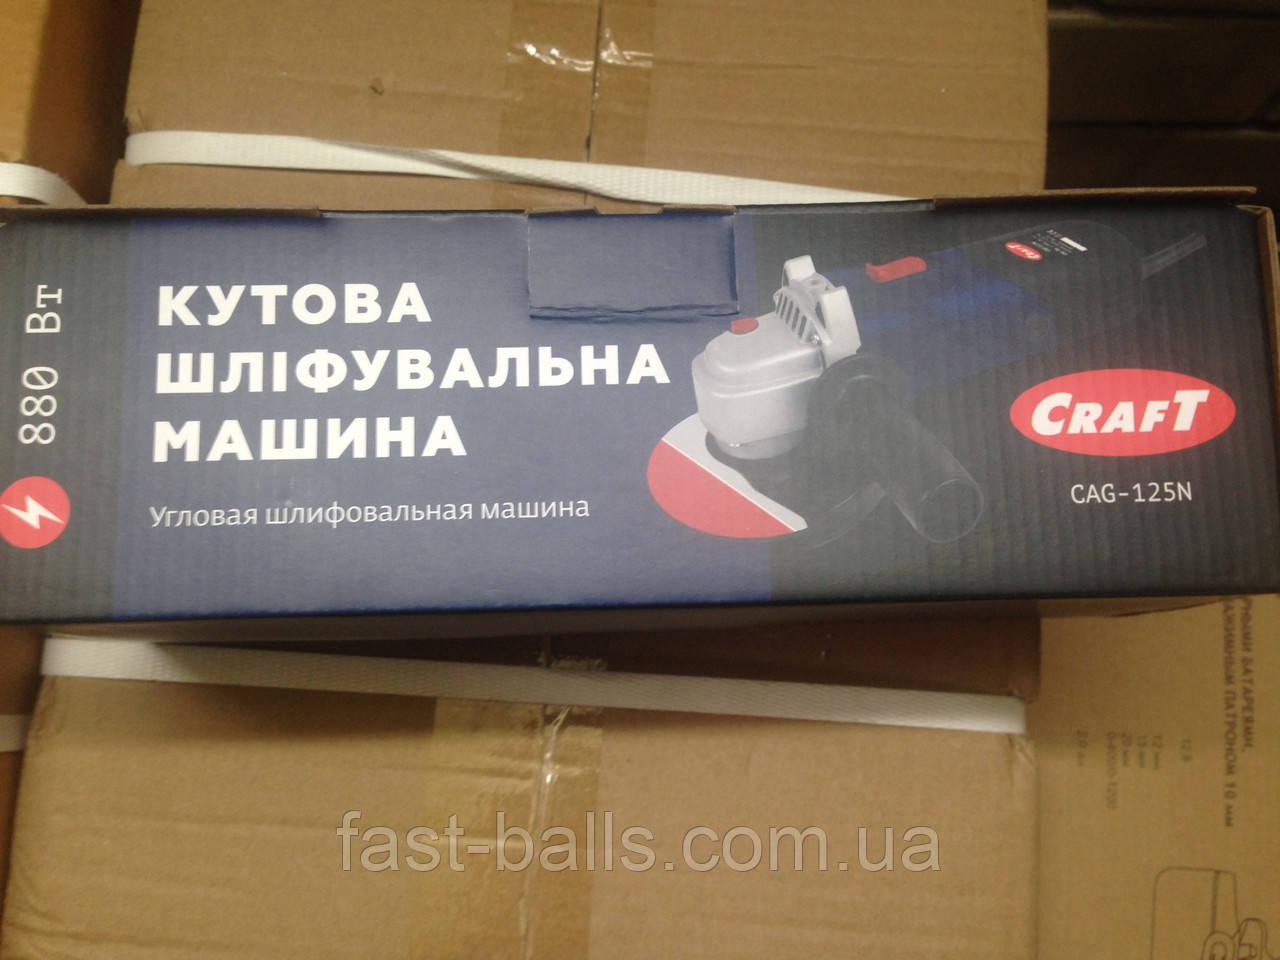 Болгарка Craft CAG-125N